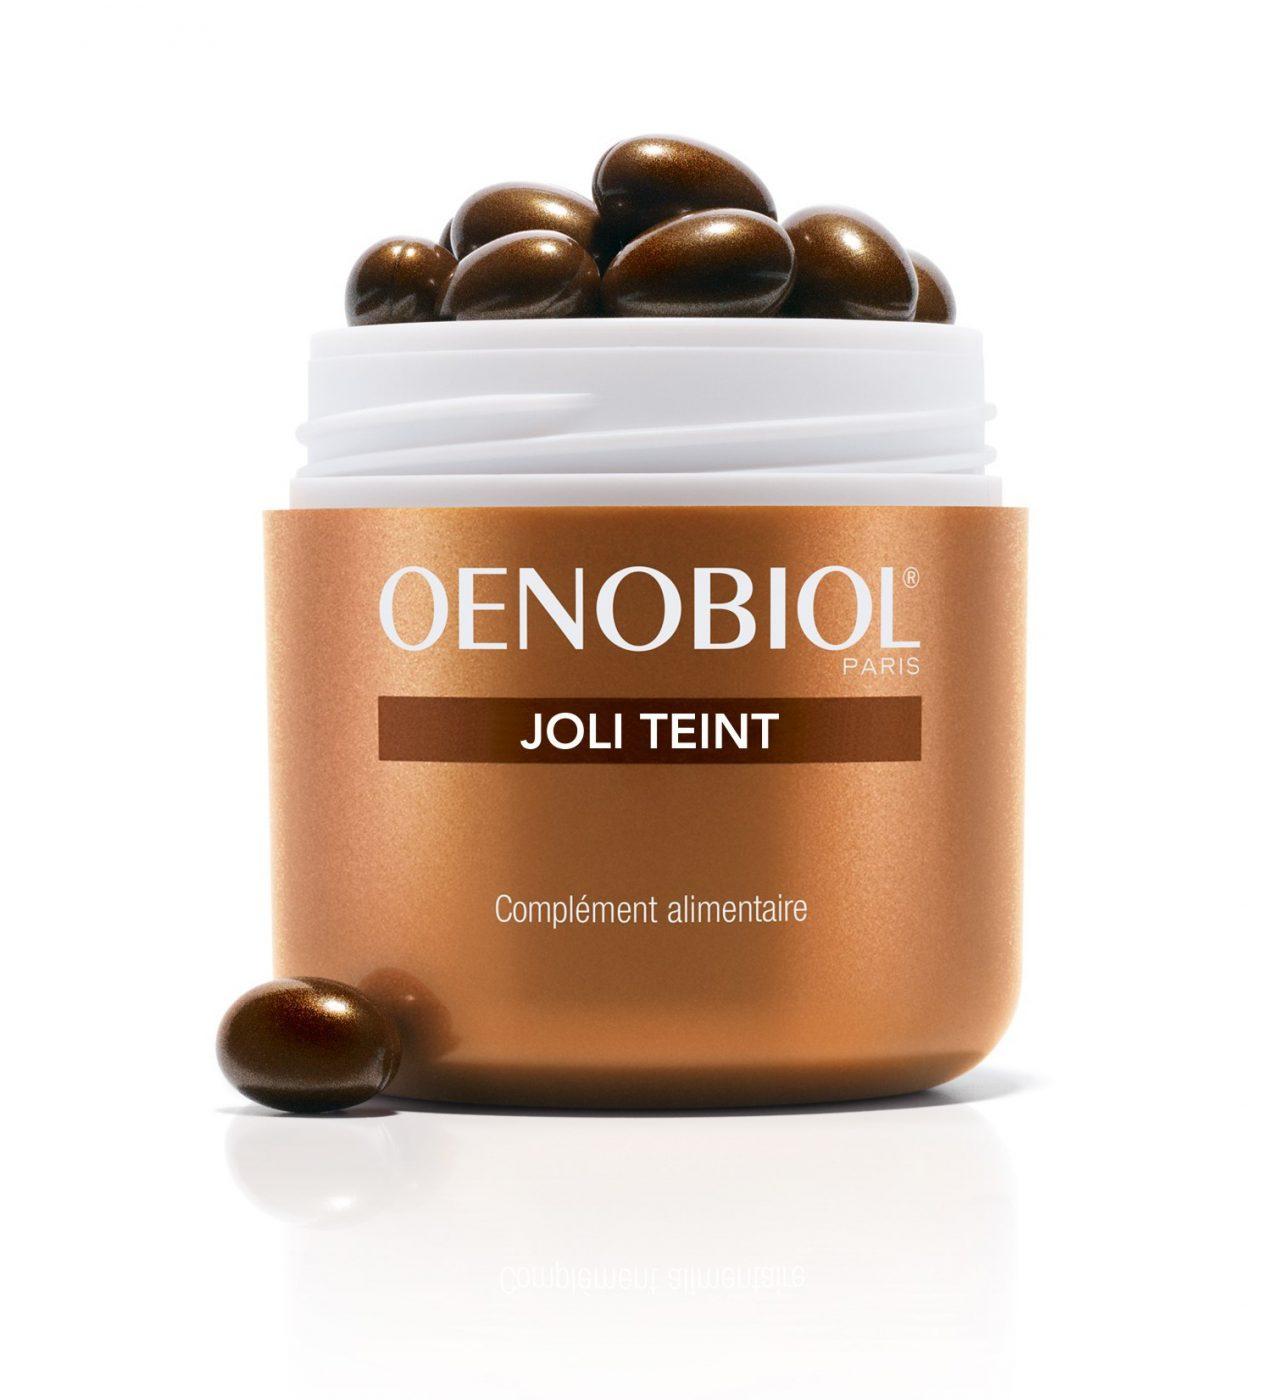 Oenobiol Joli Teint